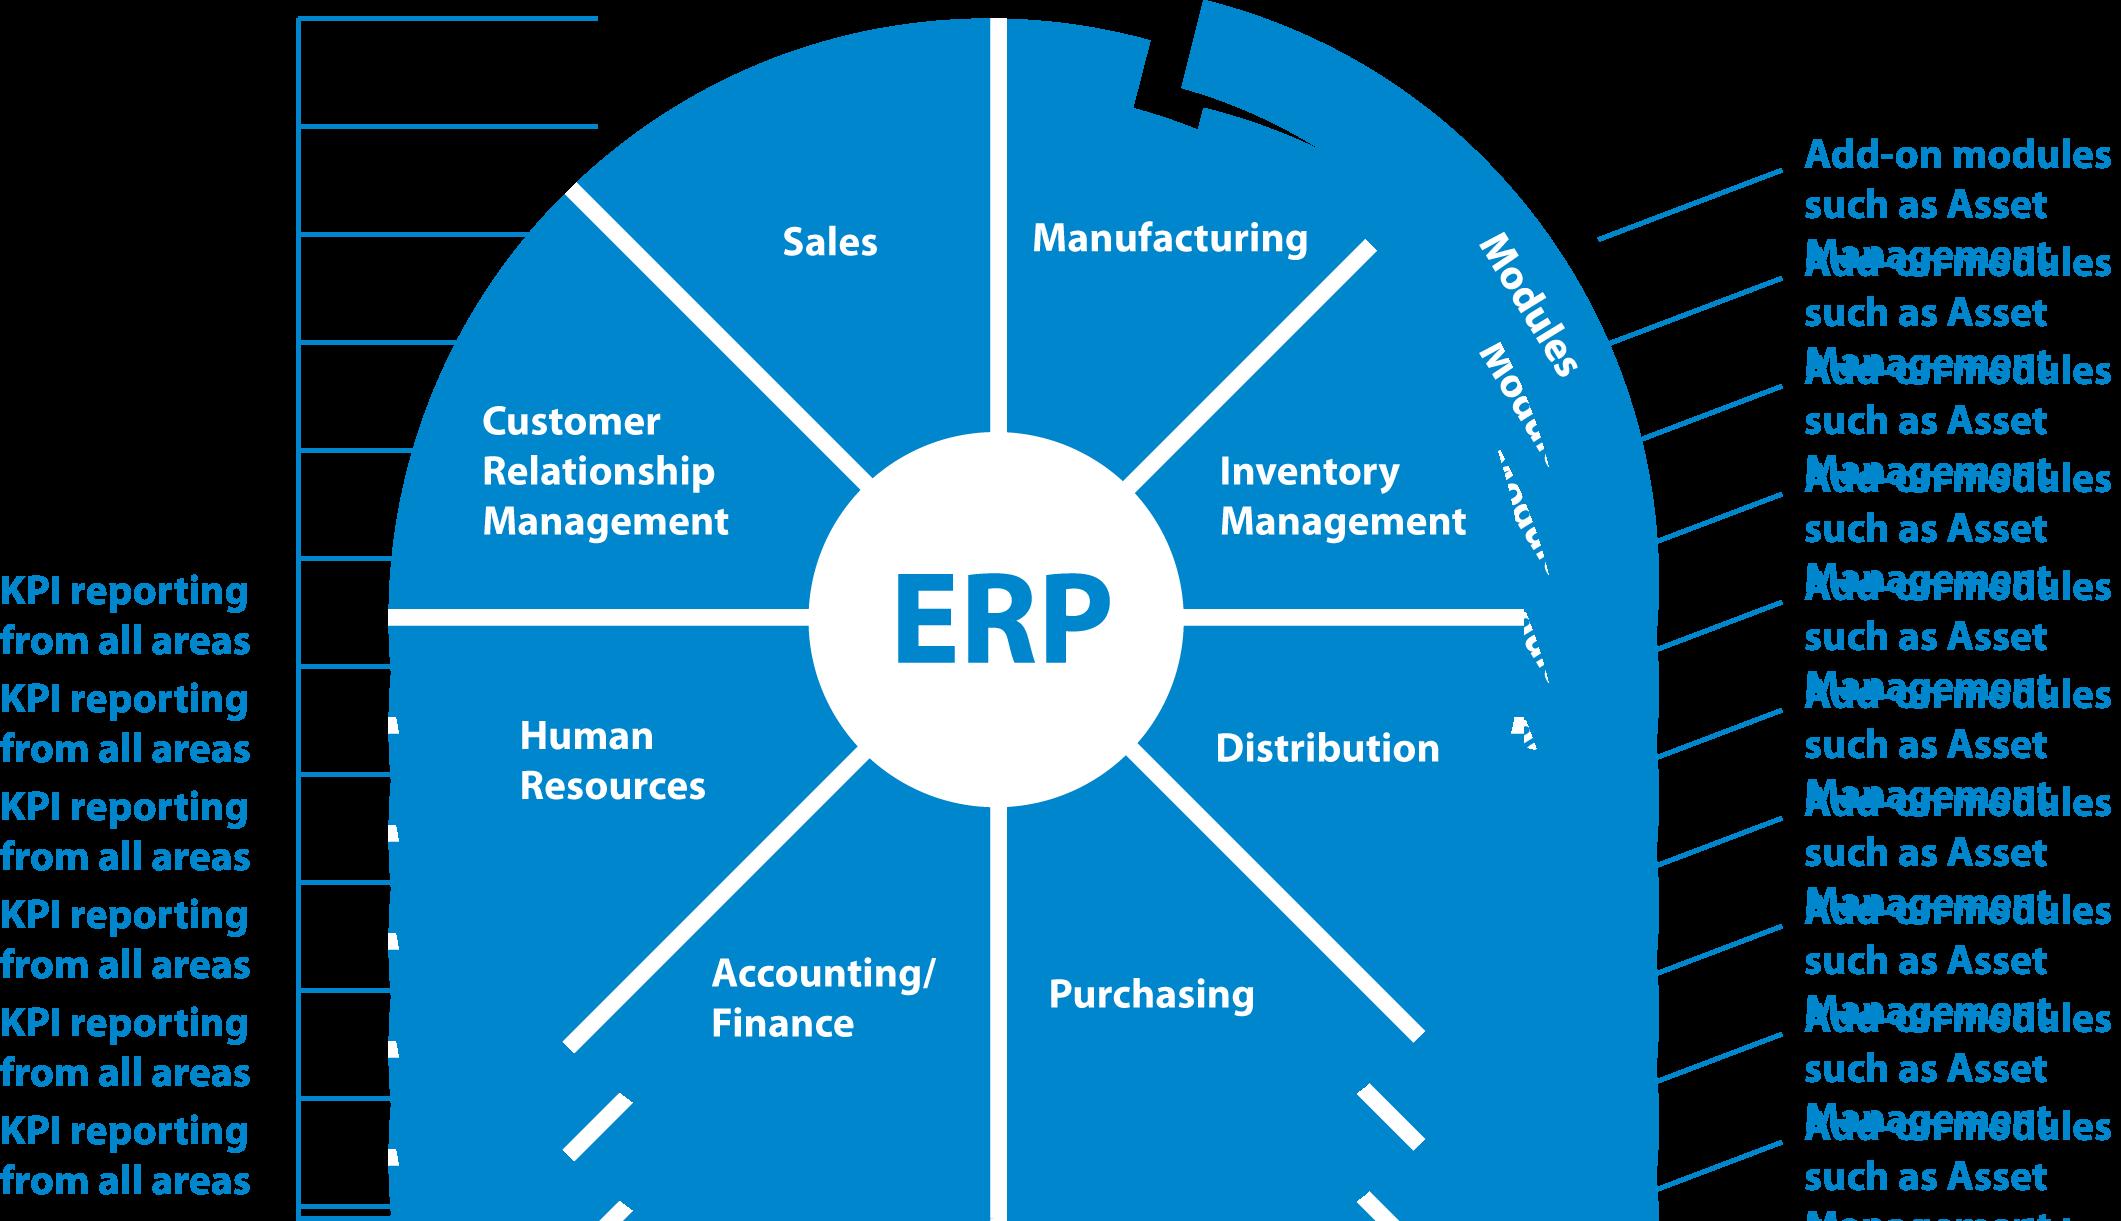 ERPdiagram